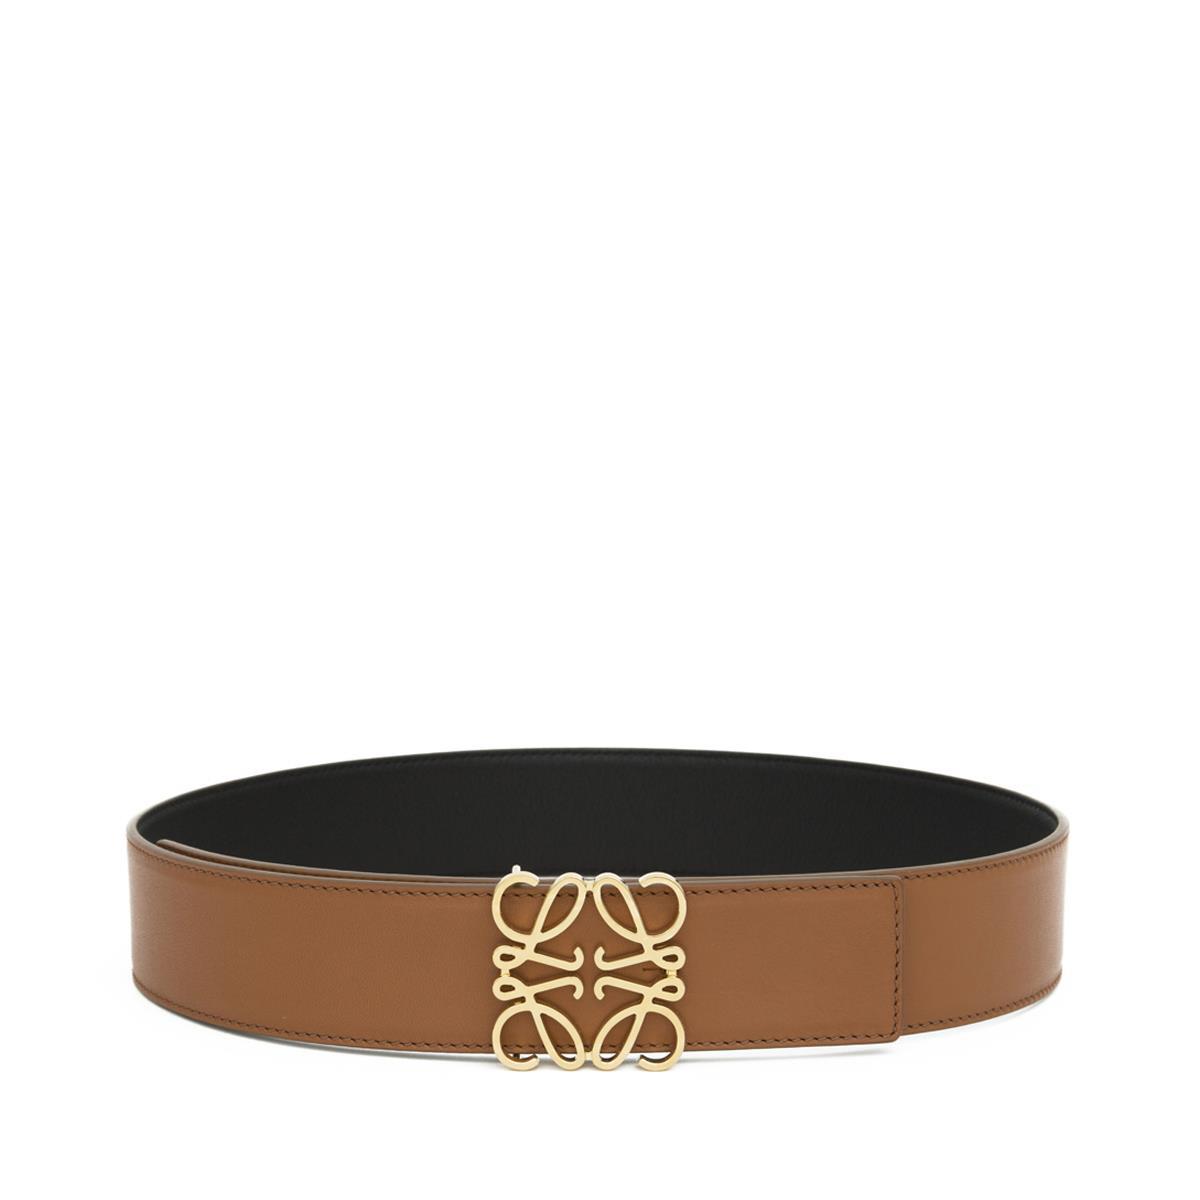 LOEWE Anagram Belt 4Cm Tan/Black/Gold front